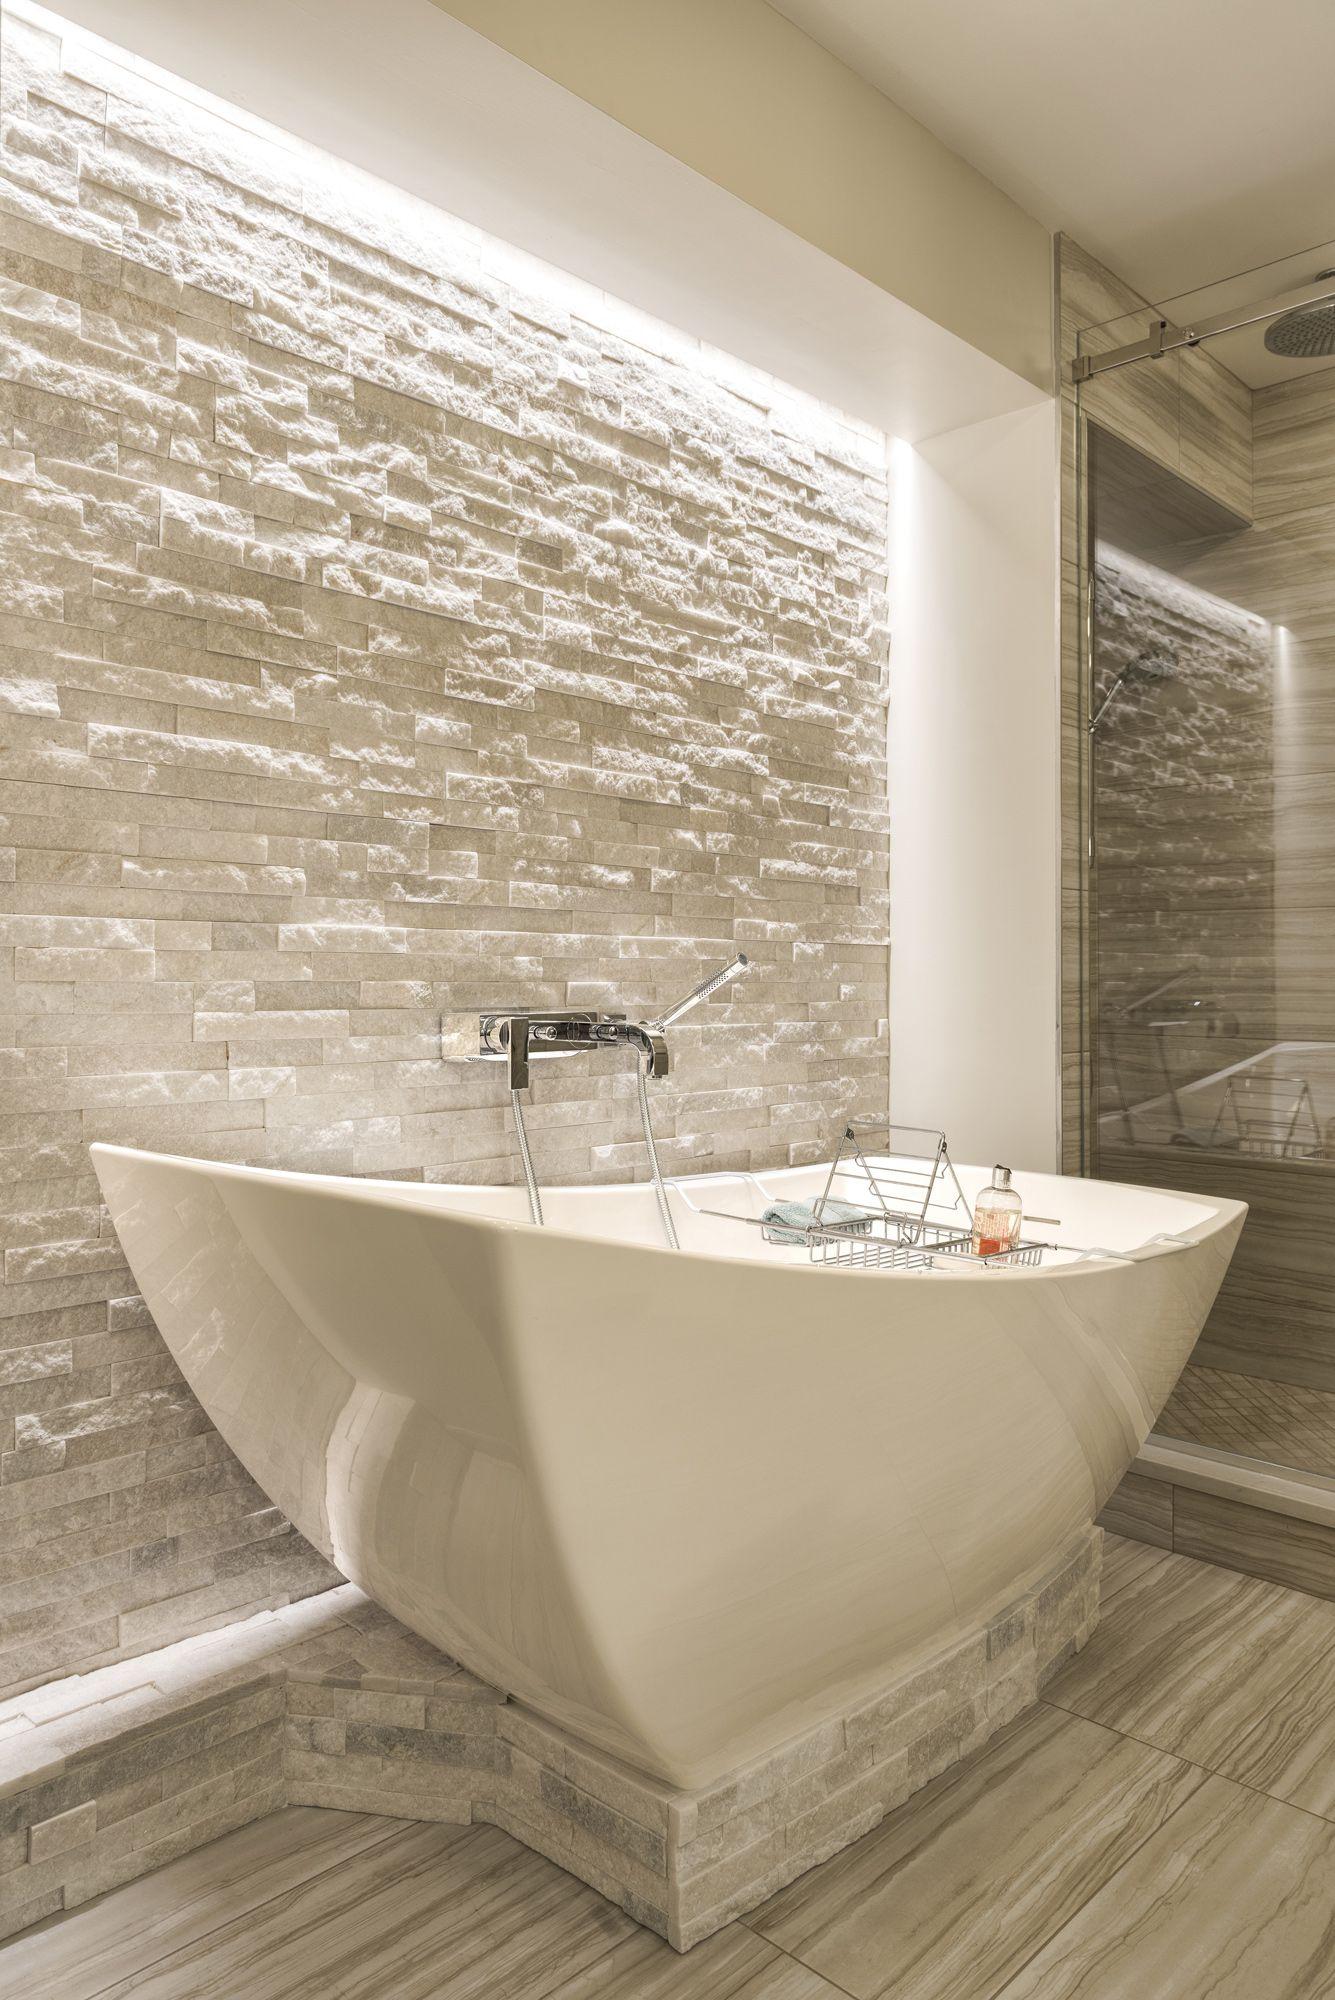 Soft Strip By Edge Lighting Washroom Baths Pools Bathroom Swimming